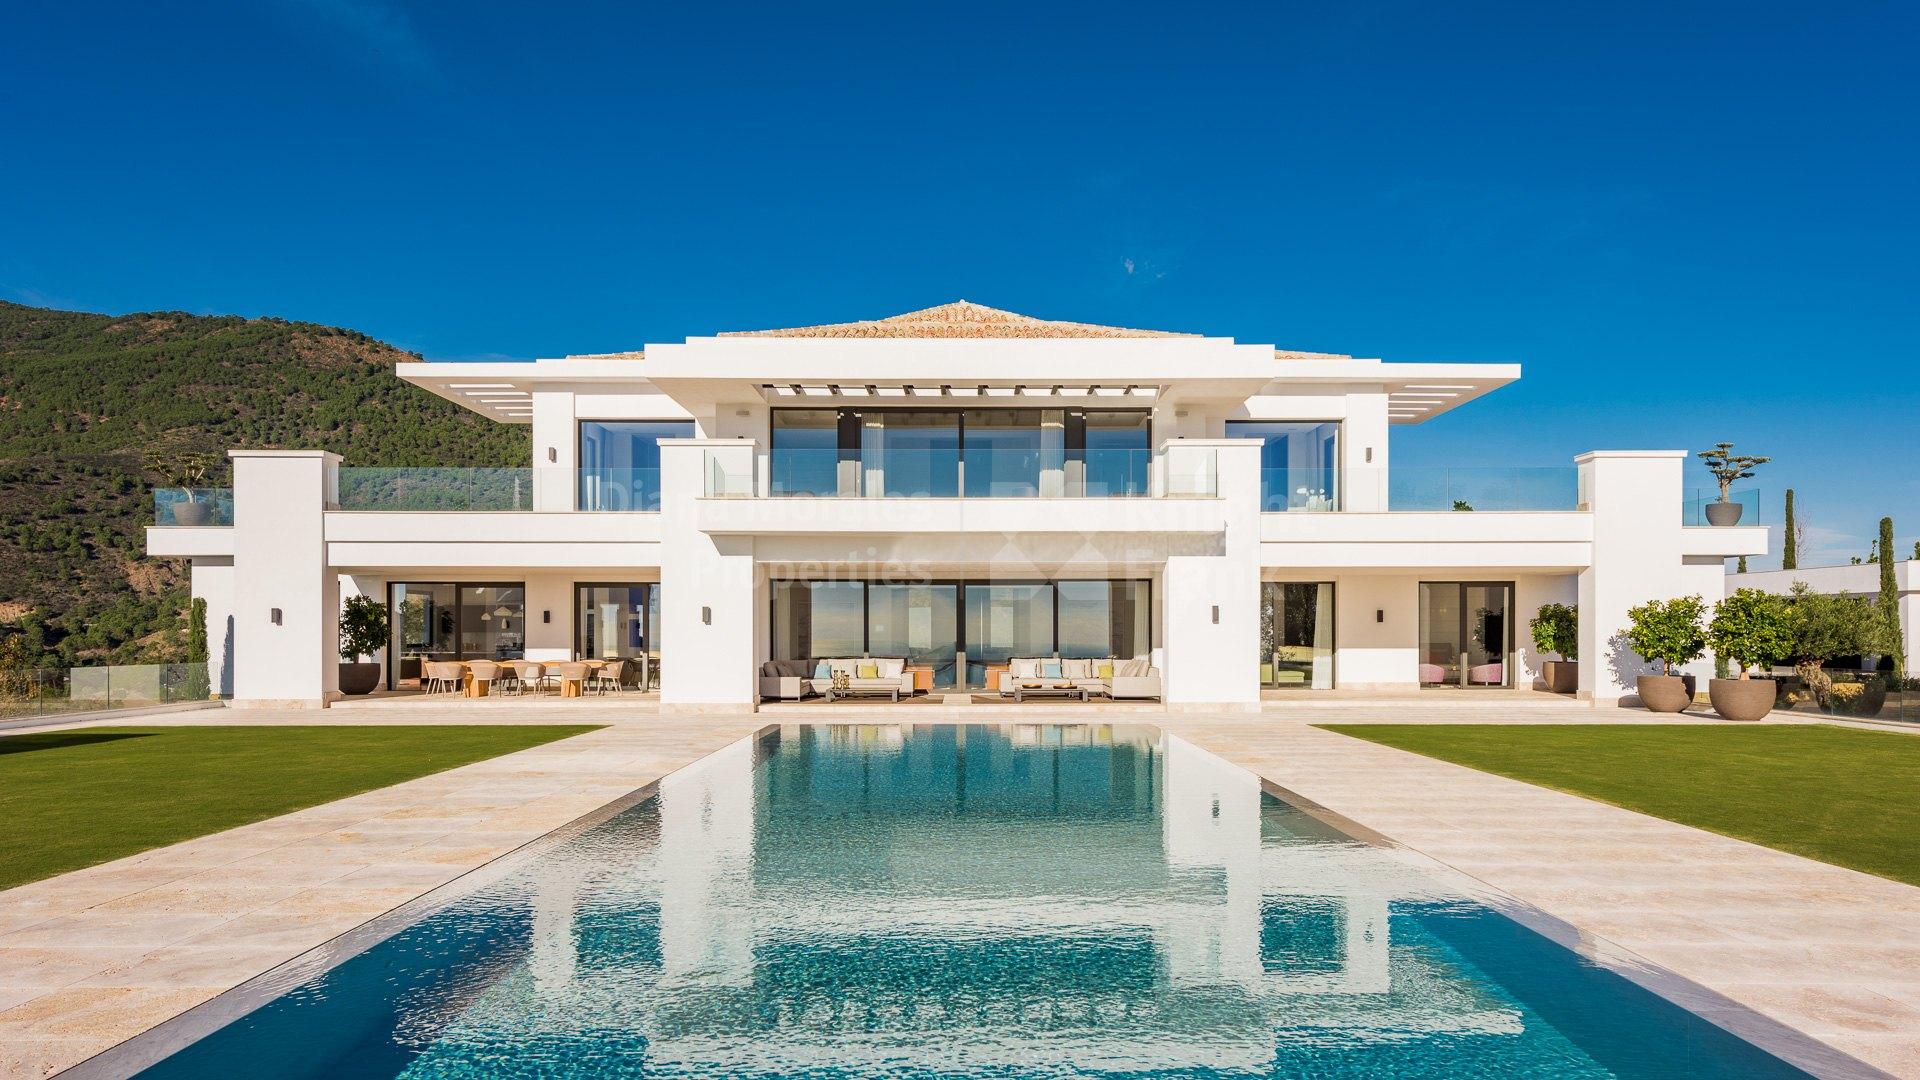 Newly Built Modern Villa In La Zagaleta Villa For Sale In La Zagaleta Benahavis